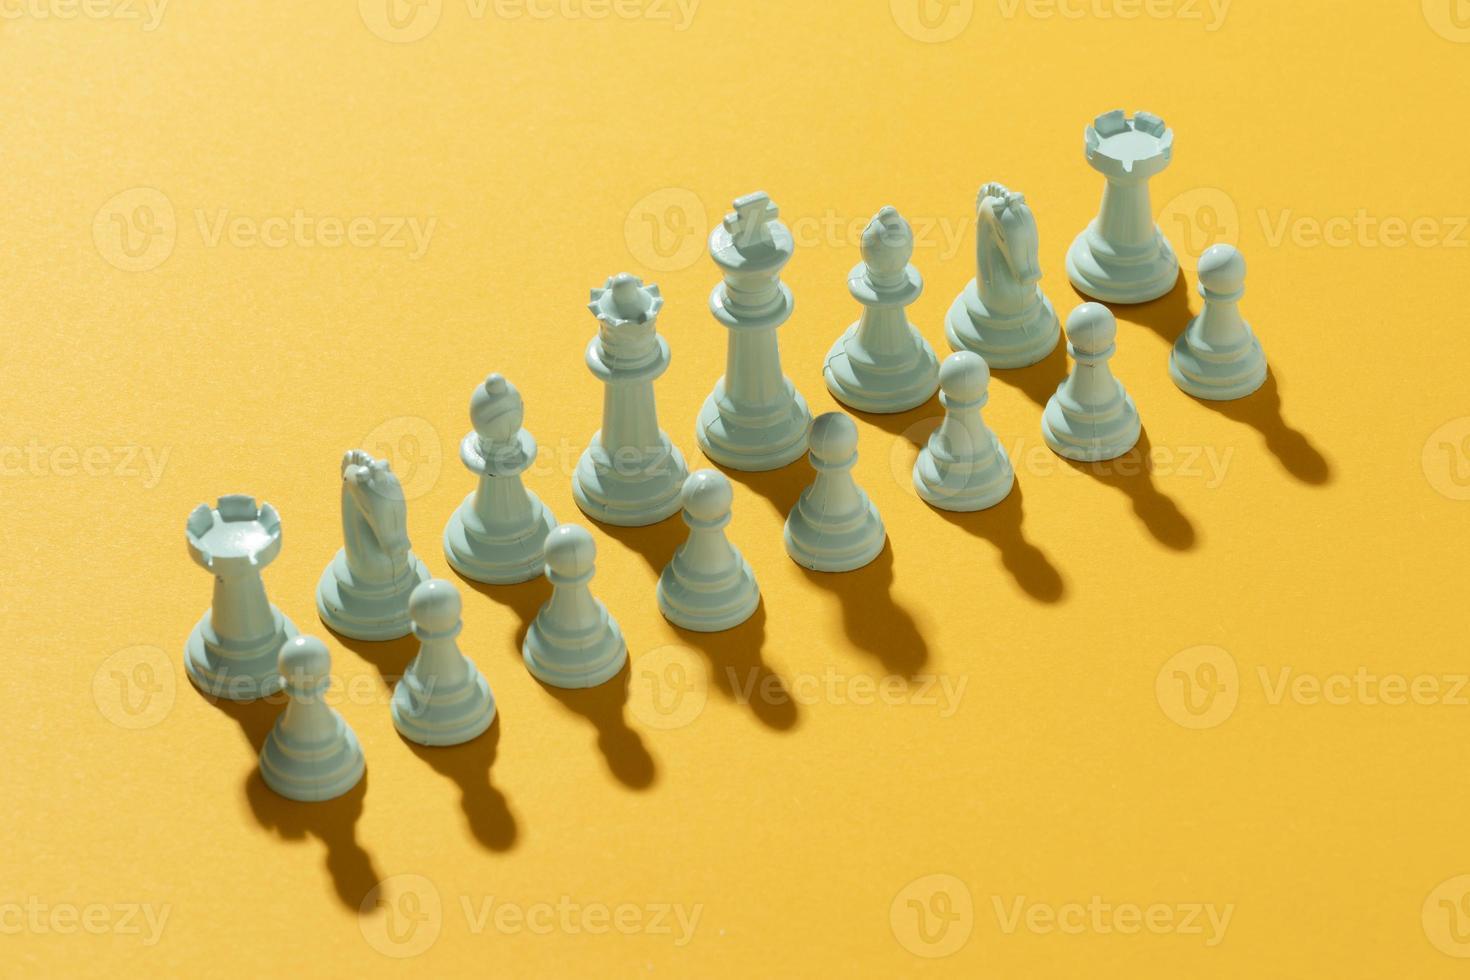 Échecs de l'équipe blanche sur fond jaune photo